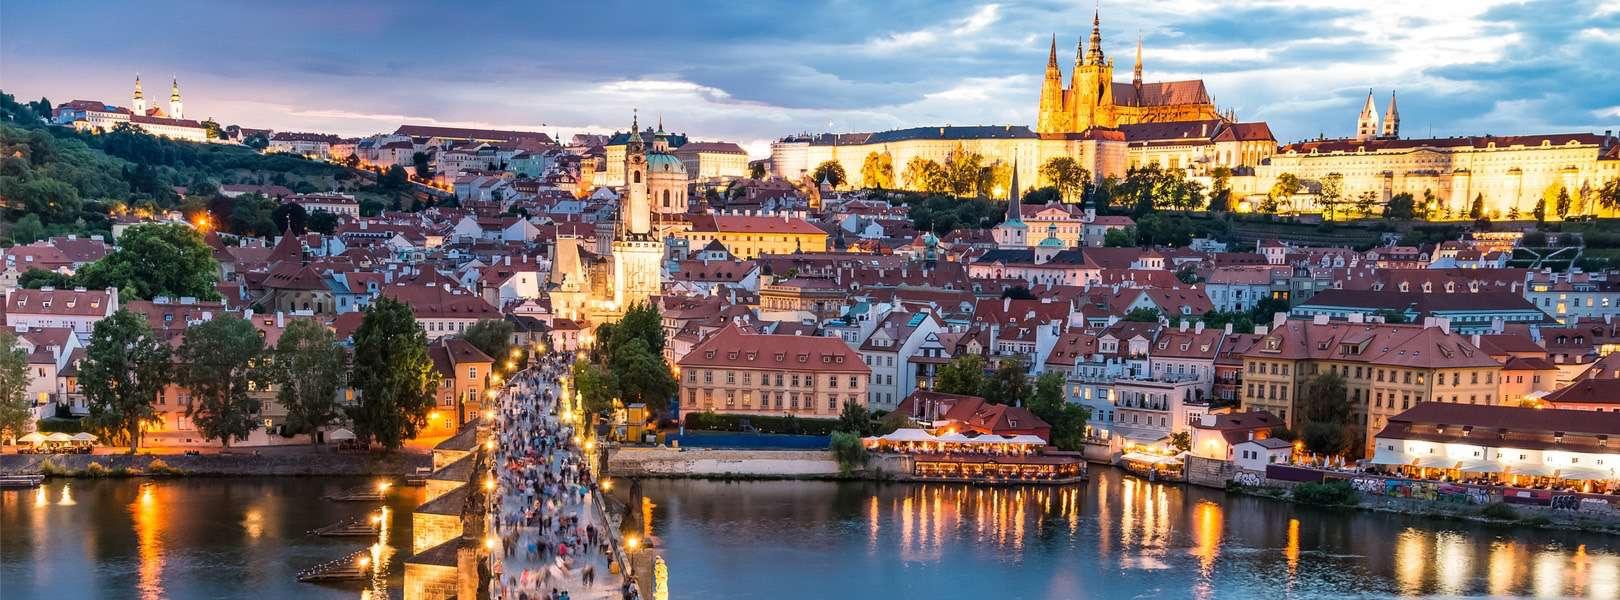 Blick auf Prag bei Sonnenuntergang